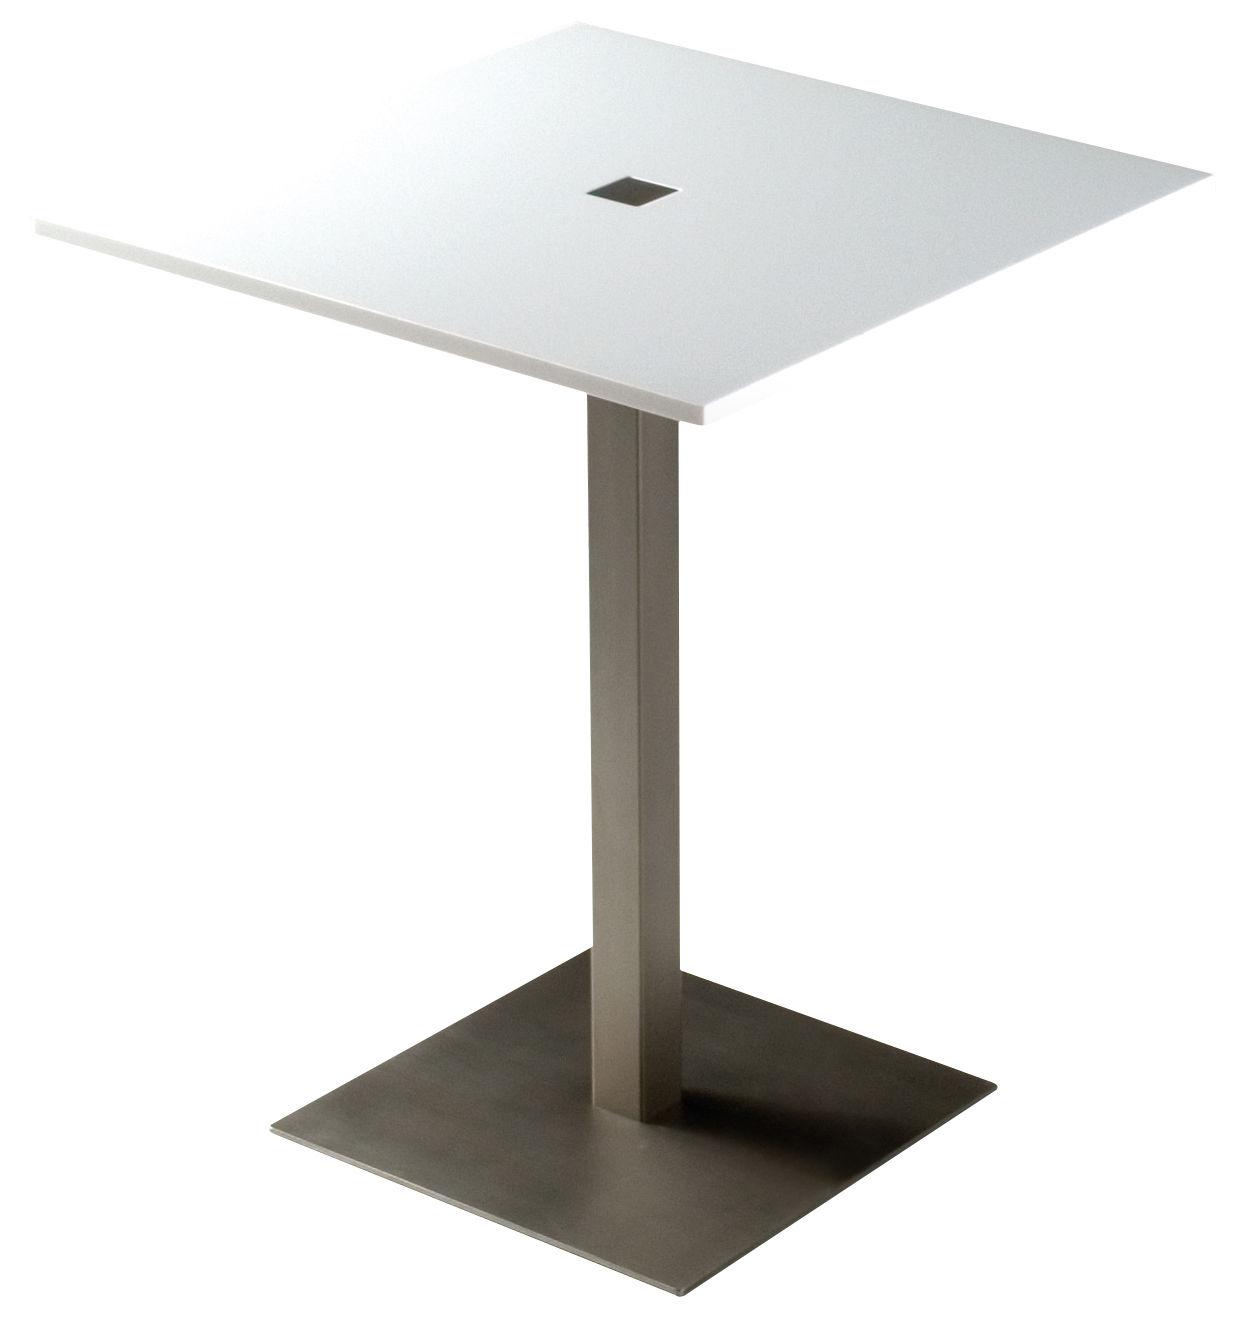 Mobilier - Tables - Table Slam / 60 x 60 cm - Zeus - Blanc brillant - 60x60 cm - Acier sablé, Résine acrylique